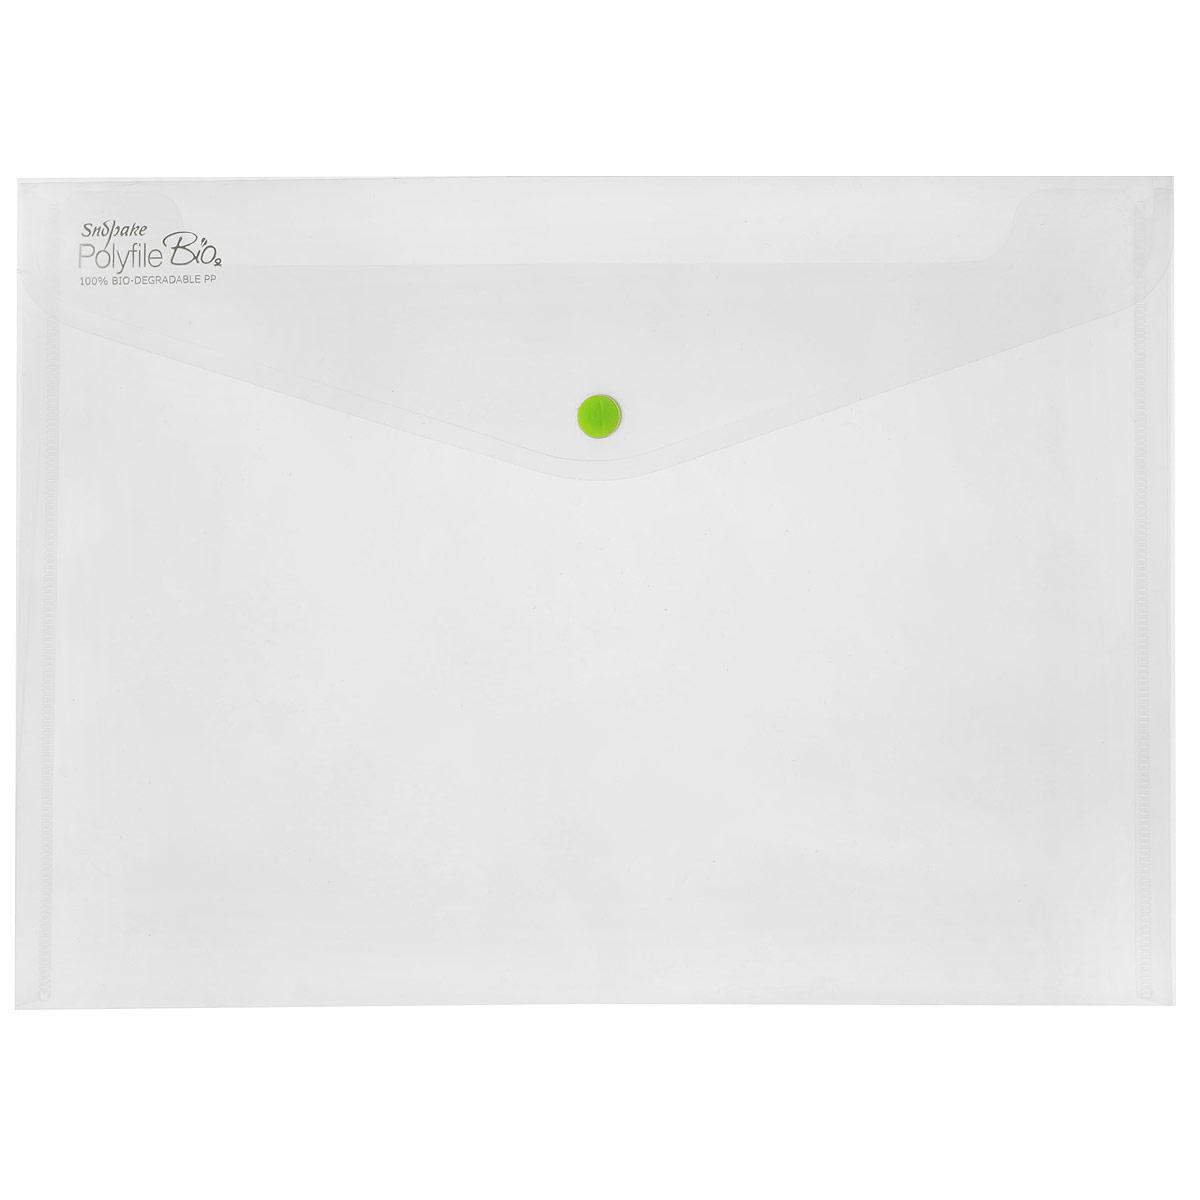 Папка-конверт на кнопке Snopake Bio, из биопластика, цвет: прозрачный. Формат А4K15428